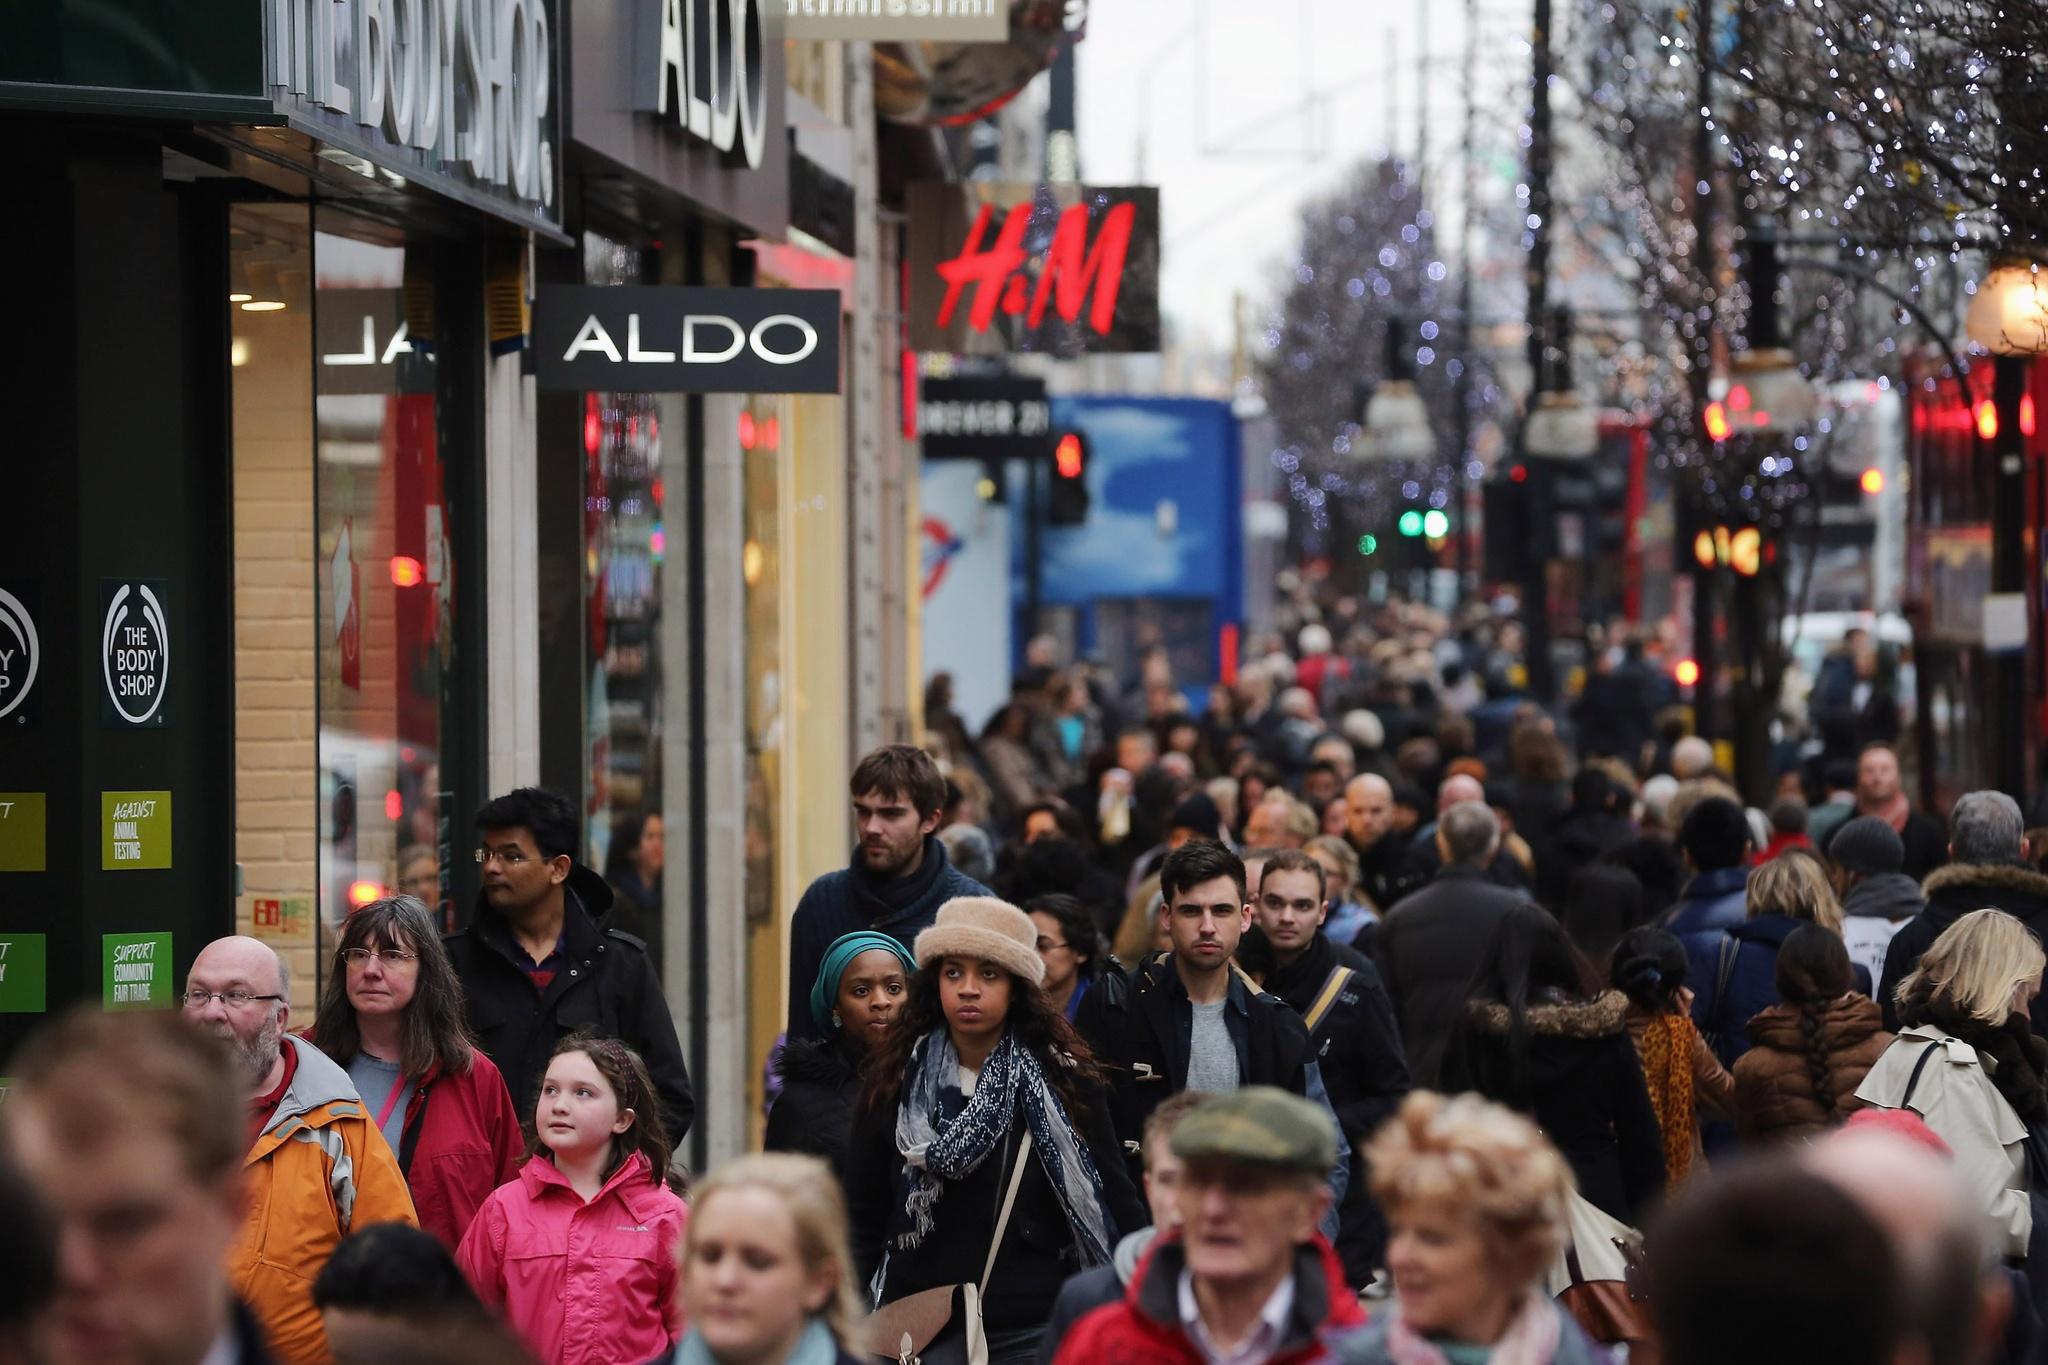 H&M's turnaround runs through its supply chain